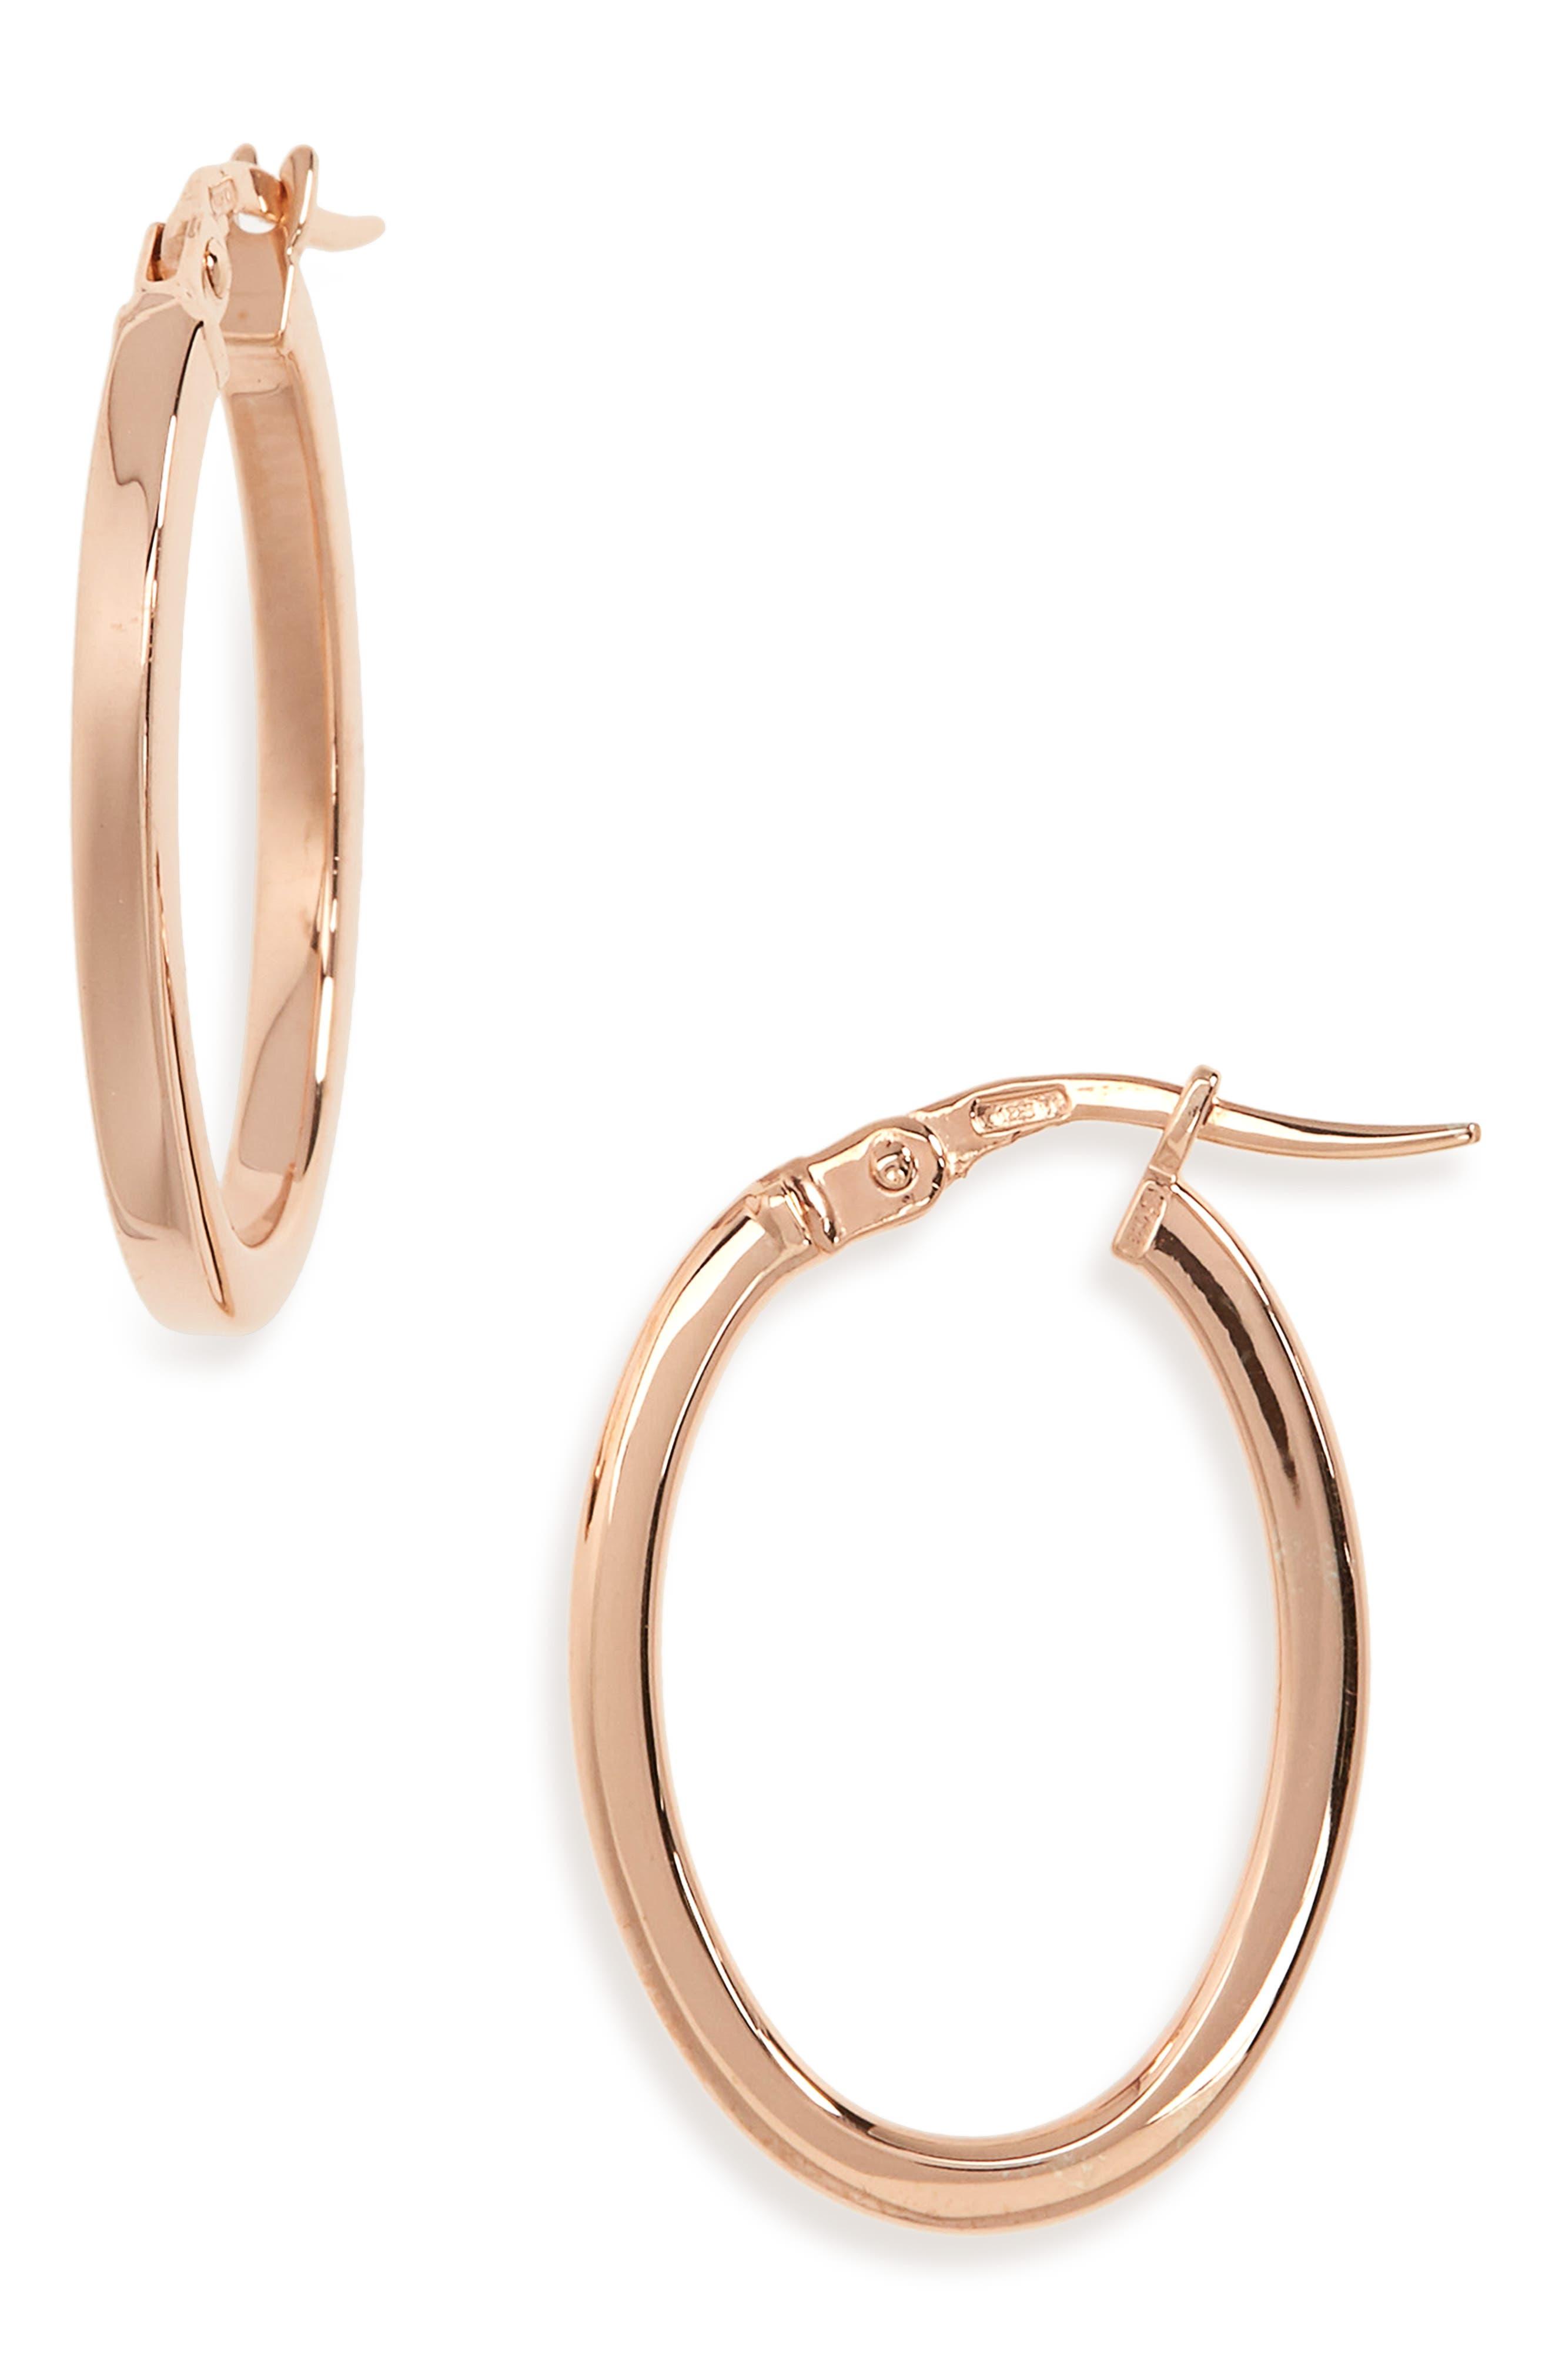 Medium Hoop Earrings,                             Main thumbnail 1, color,                             ROSE GOLD